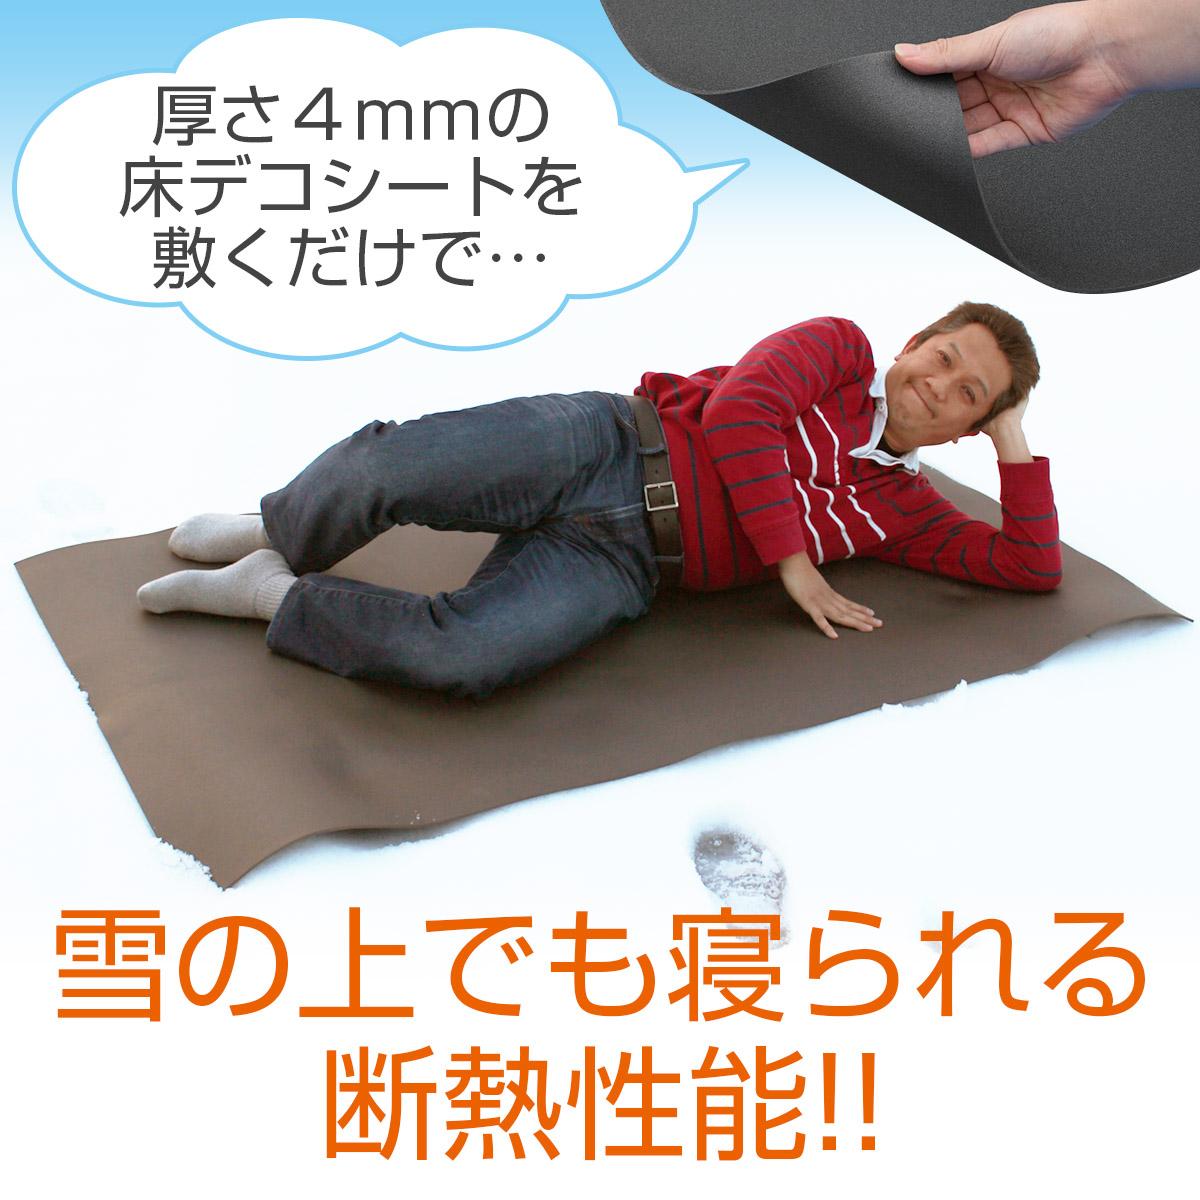 厚さ4ミリの床デコシート敷くだけで…雪の上でも寝られる断熱性能!